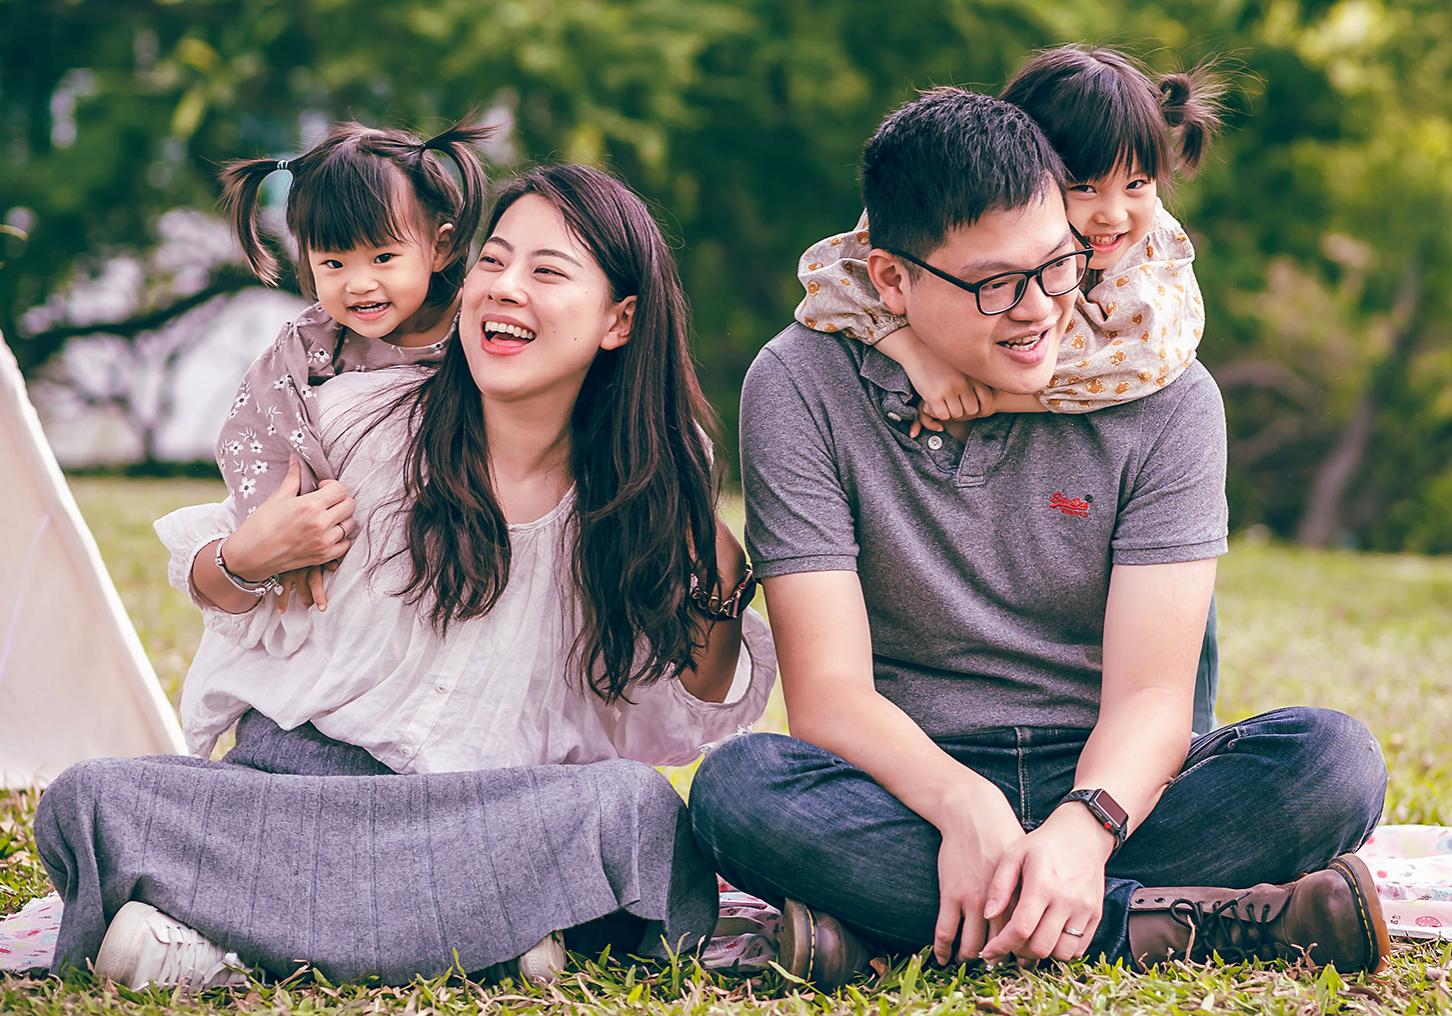 親子攝影野餐風-013-特色圖片2